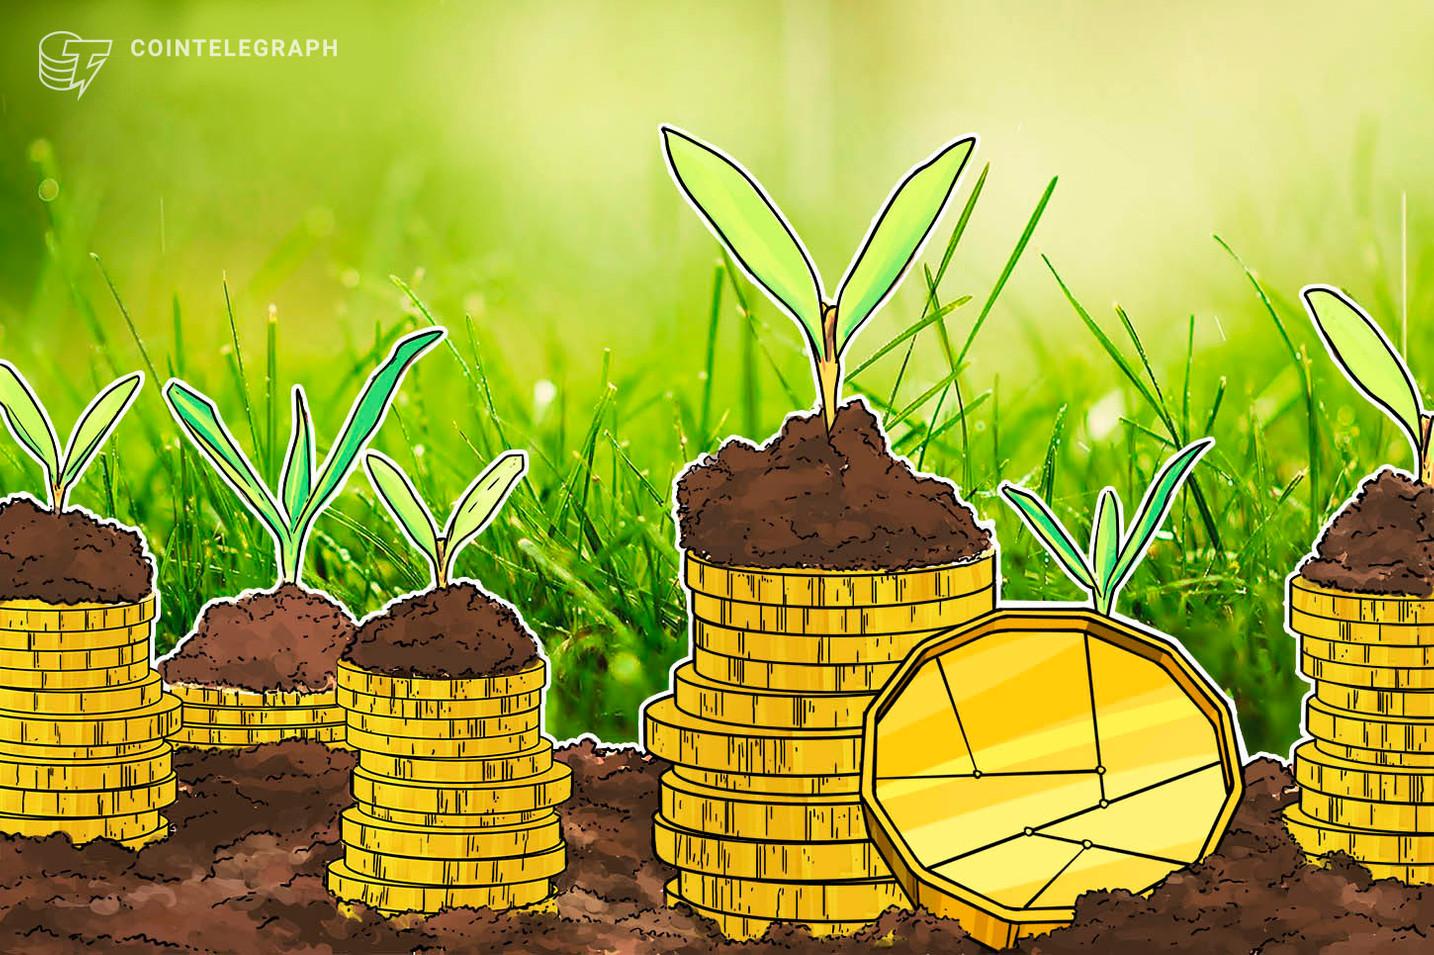 """بيتمارت تعلن عن استثمارٍ من شركة رأس المال الاستثماري """"فينبوشي كابيتال"""" بالصين"""